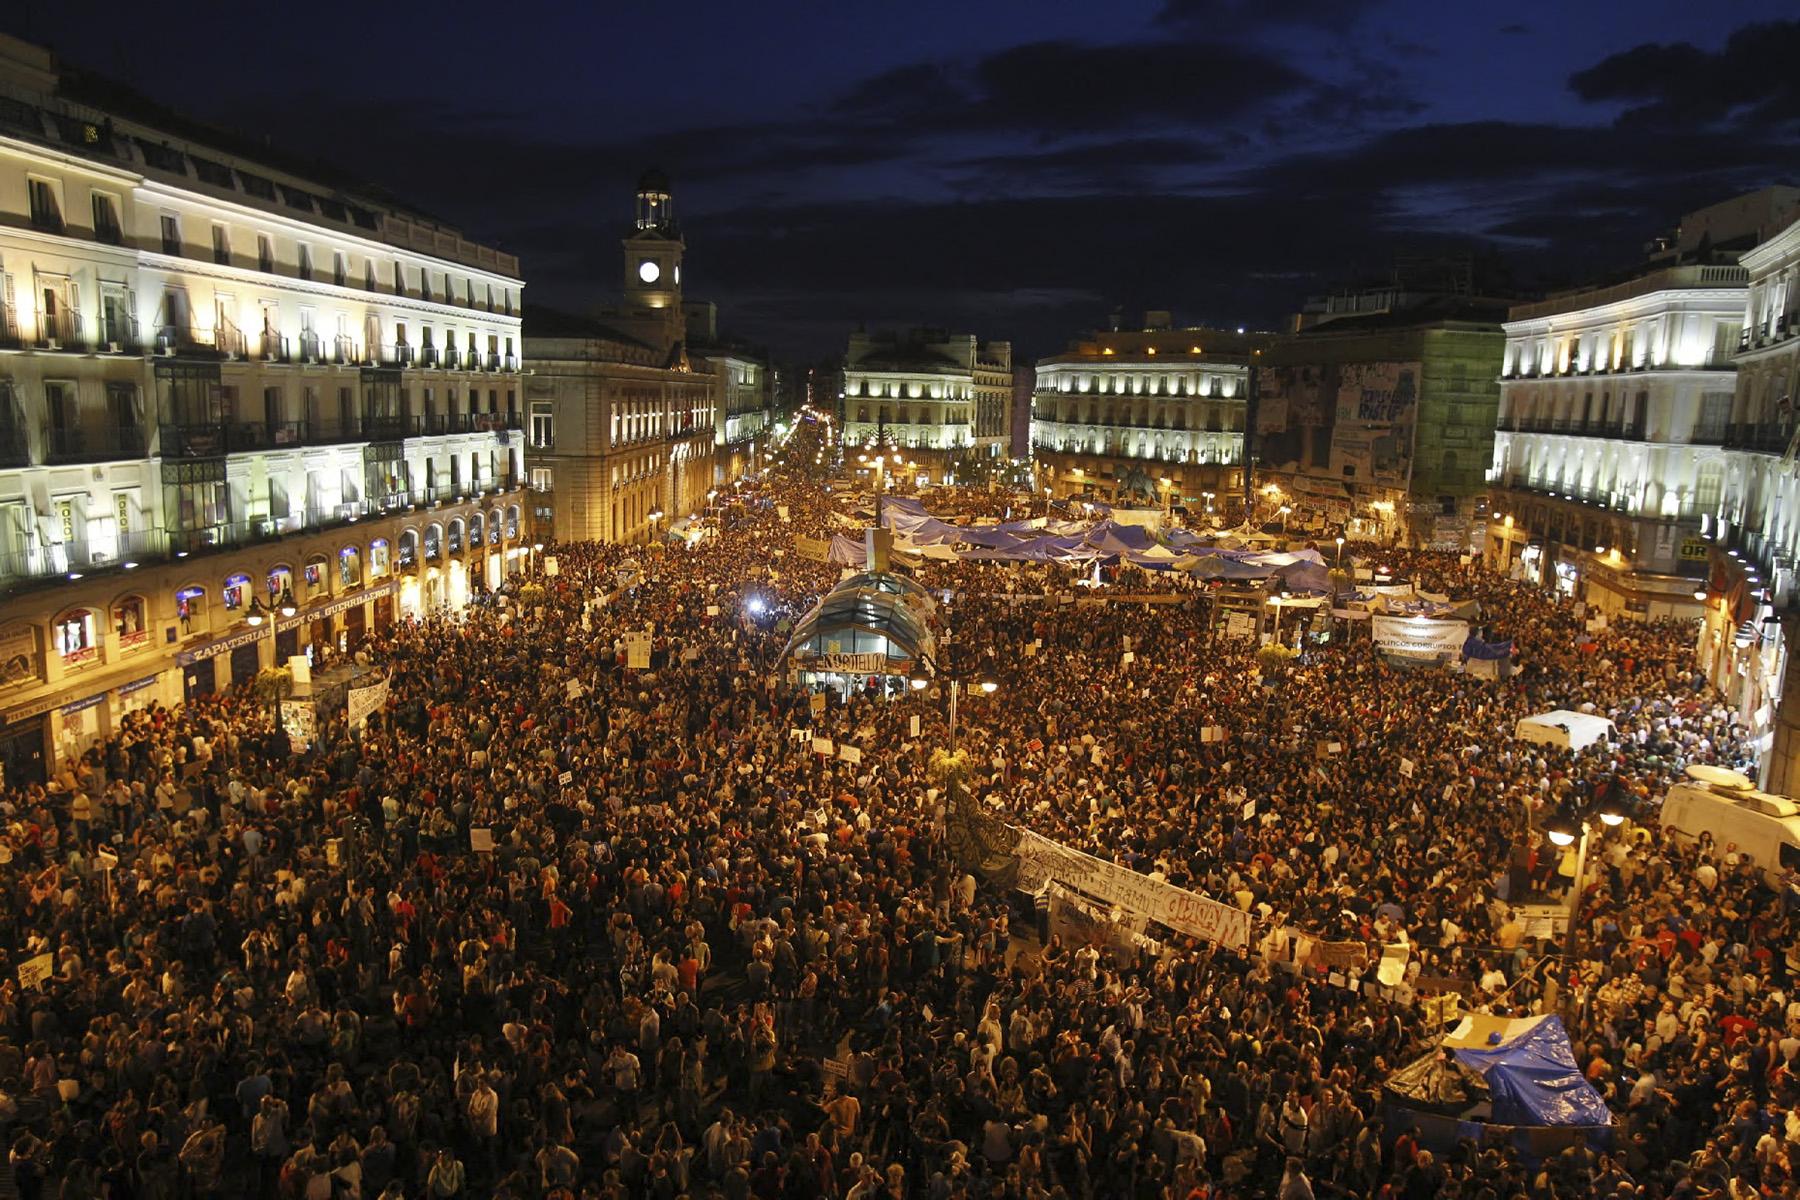 CONCENTRACION PROTESTA EN  LA PUERTA DEL SOL@ ALBERTO R ROLDAN21 05 2011